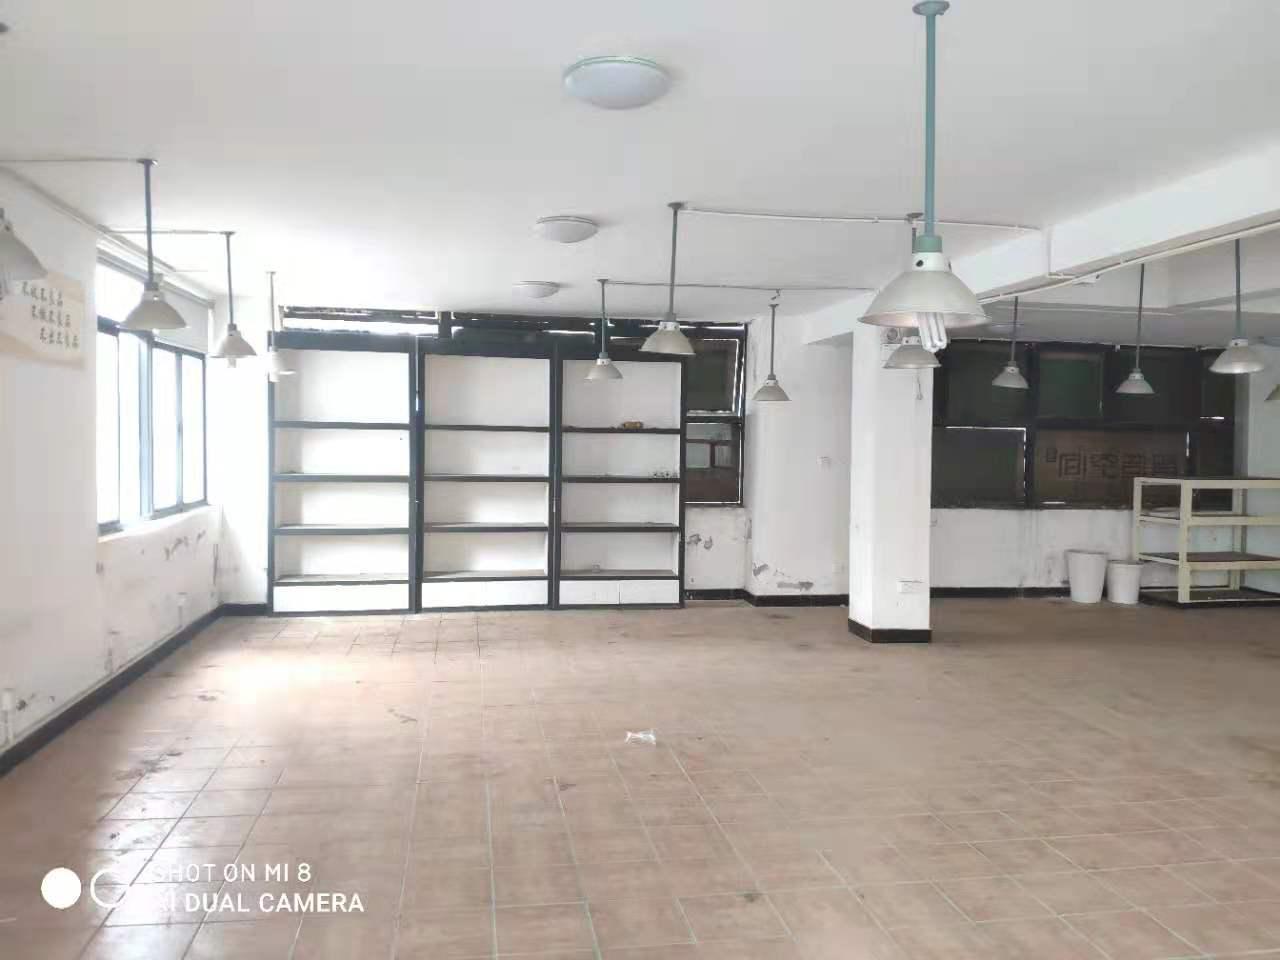 中国梦谷园区出租950平写字楼有装修无家具